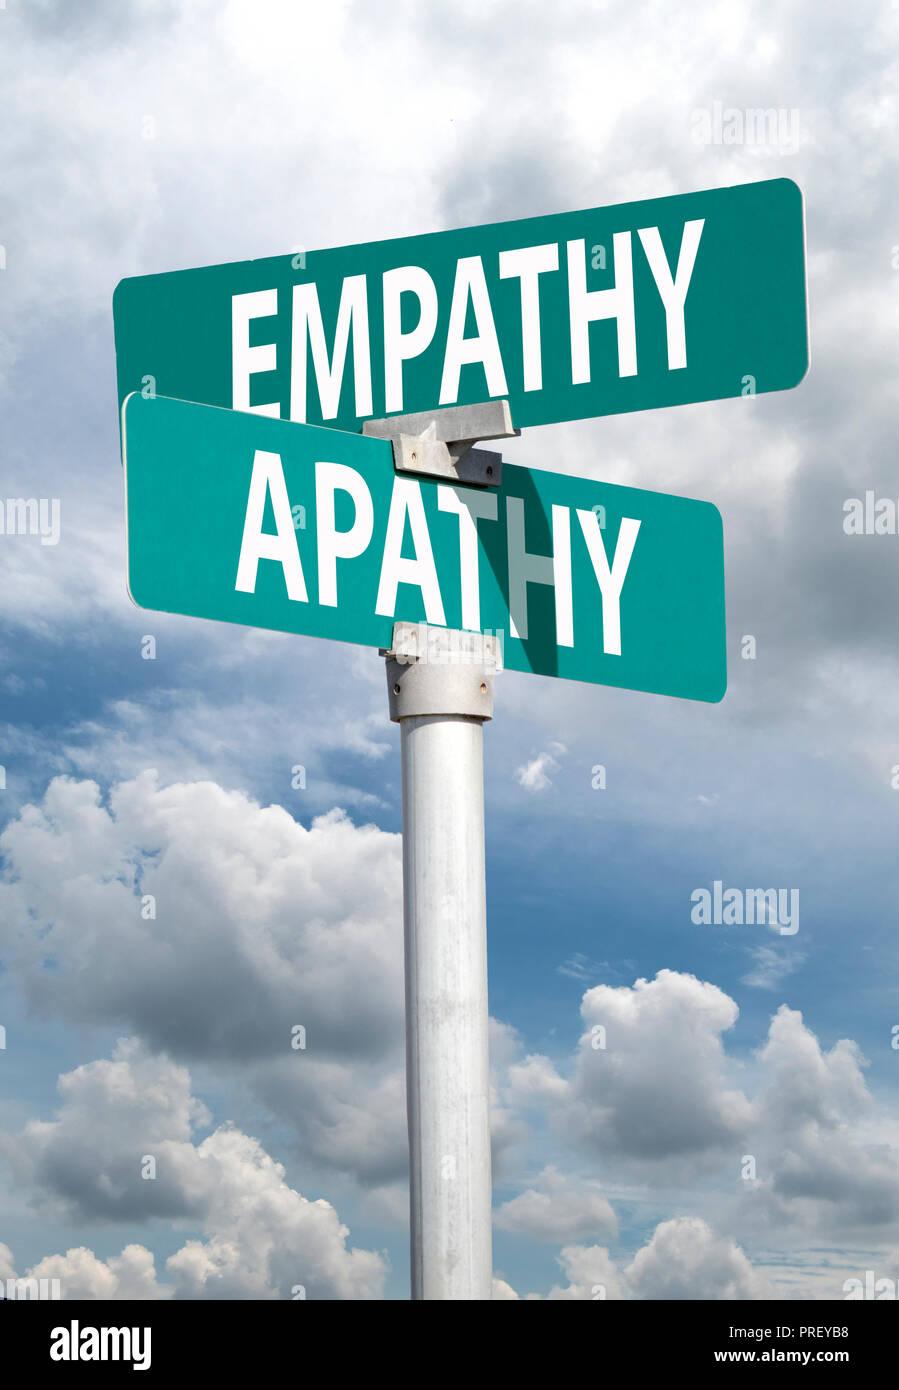 Empatía apatía signo Imagen De Stock